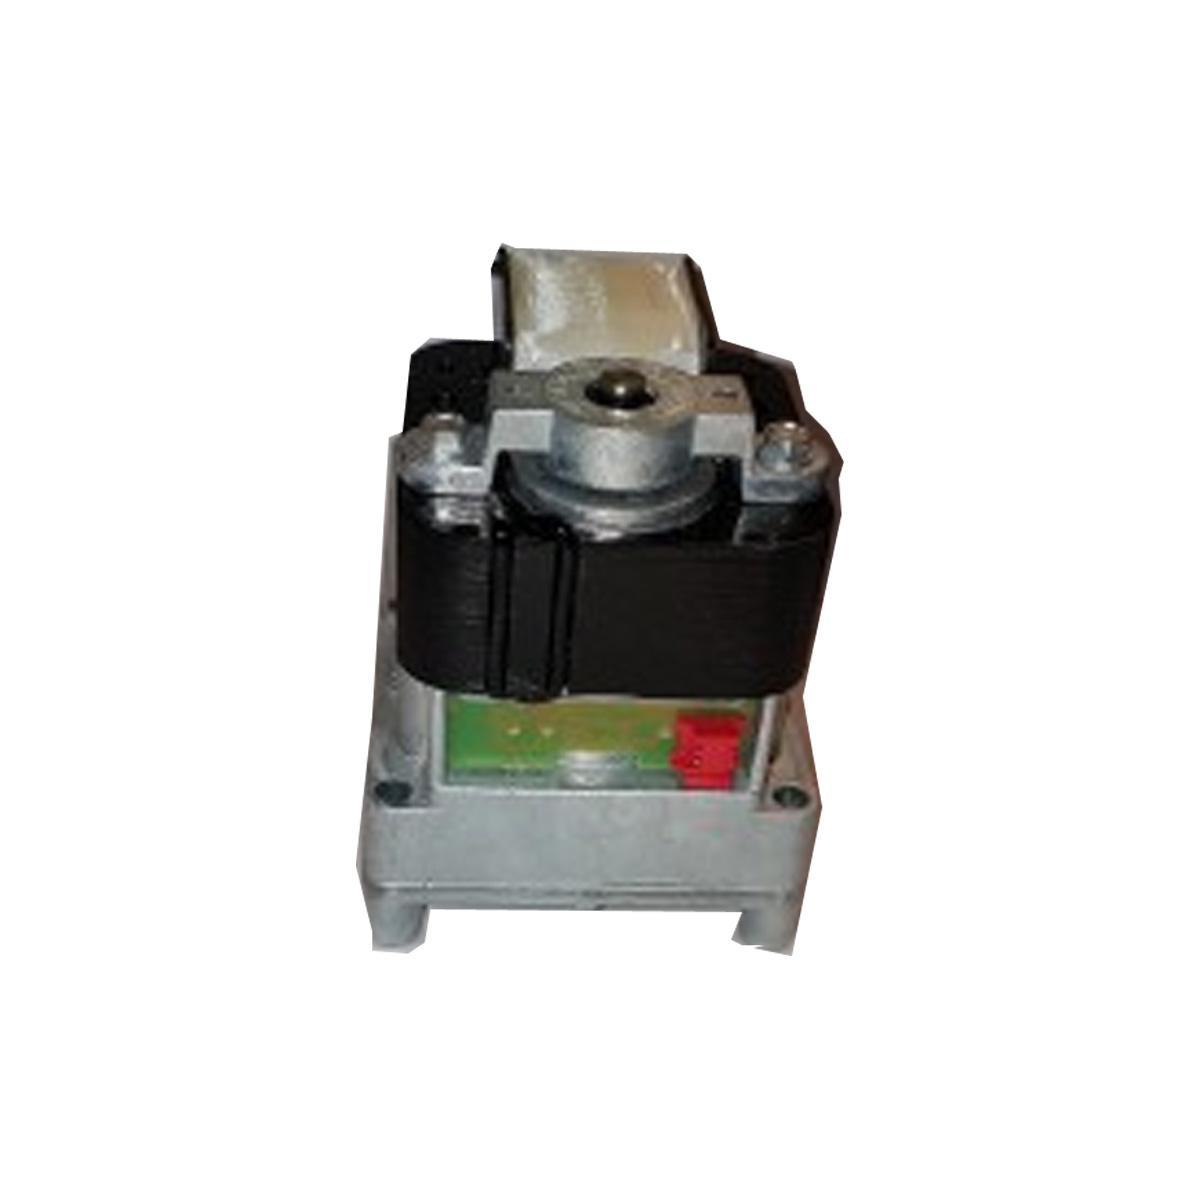 Pelletmotor met encoder